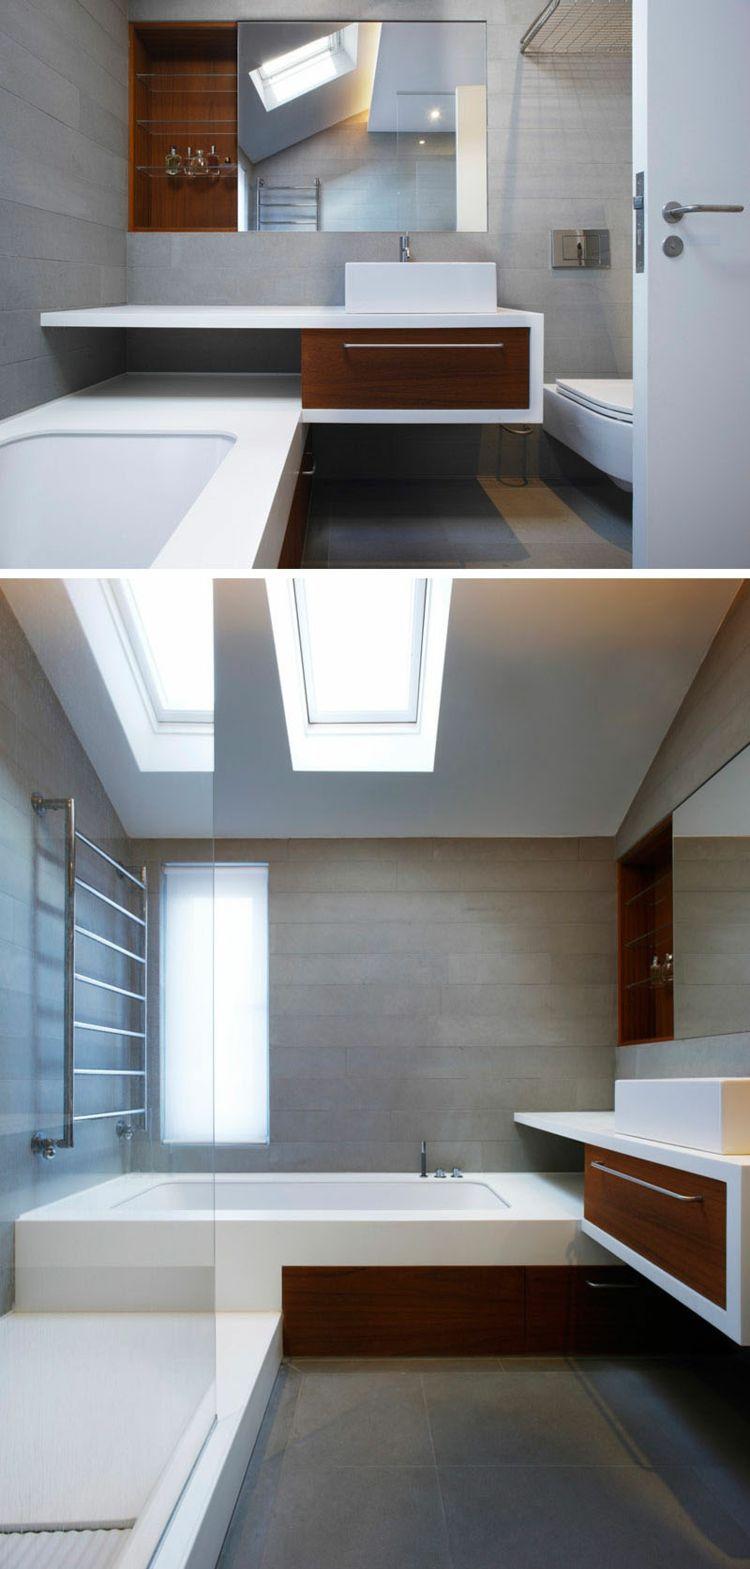 Modernes Badezimmer mit Dachfenstern und Badmöbeln mit elegantem ...